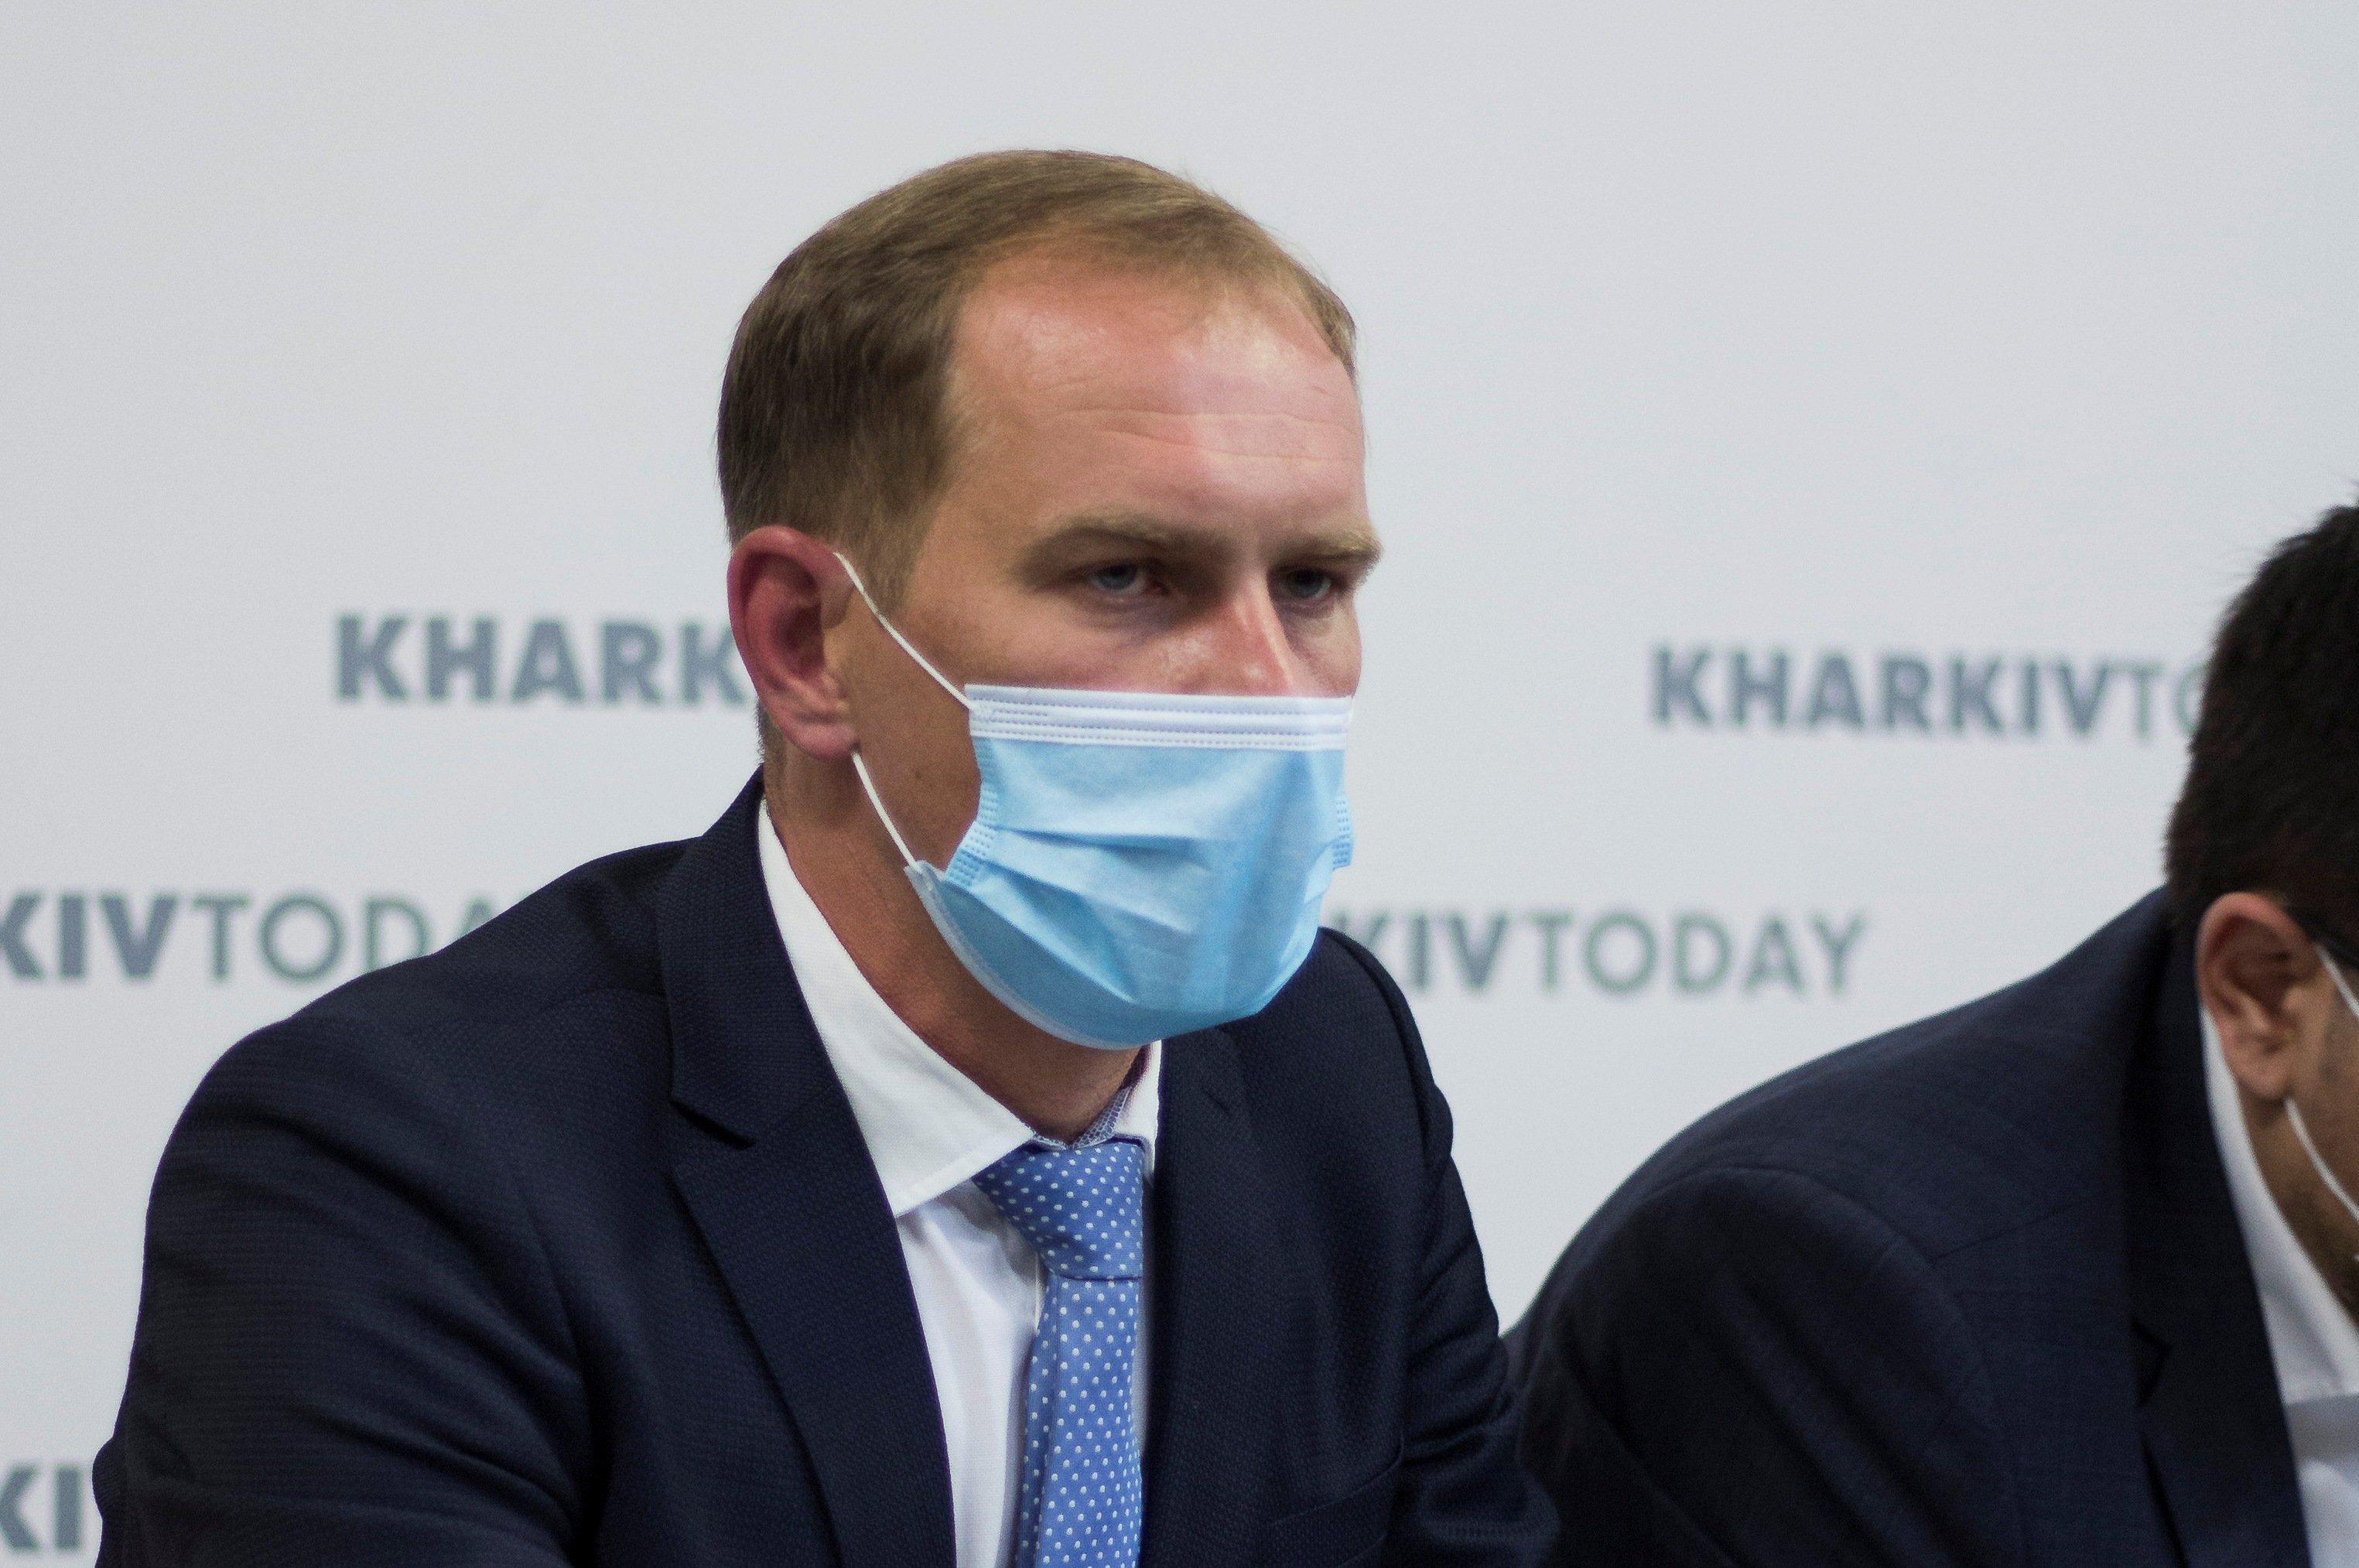 Штрафные санкции за недопуск инспекторов на предприятия будут увеличены – председатель Госэкоинспекции Украины